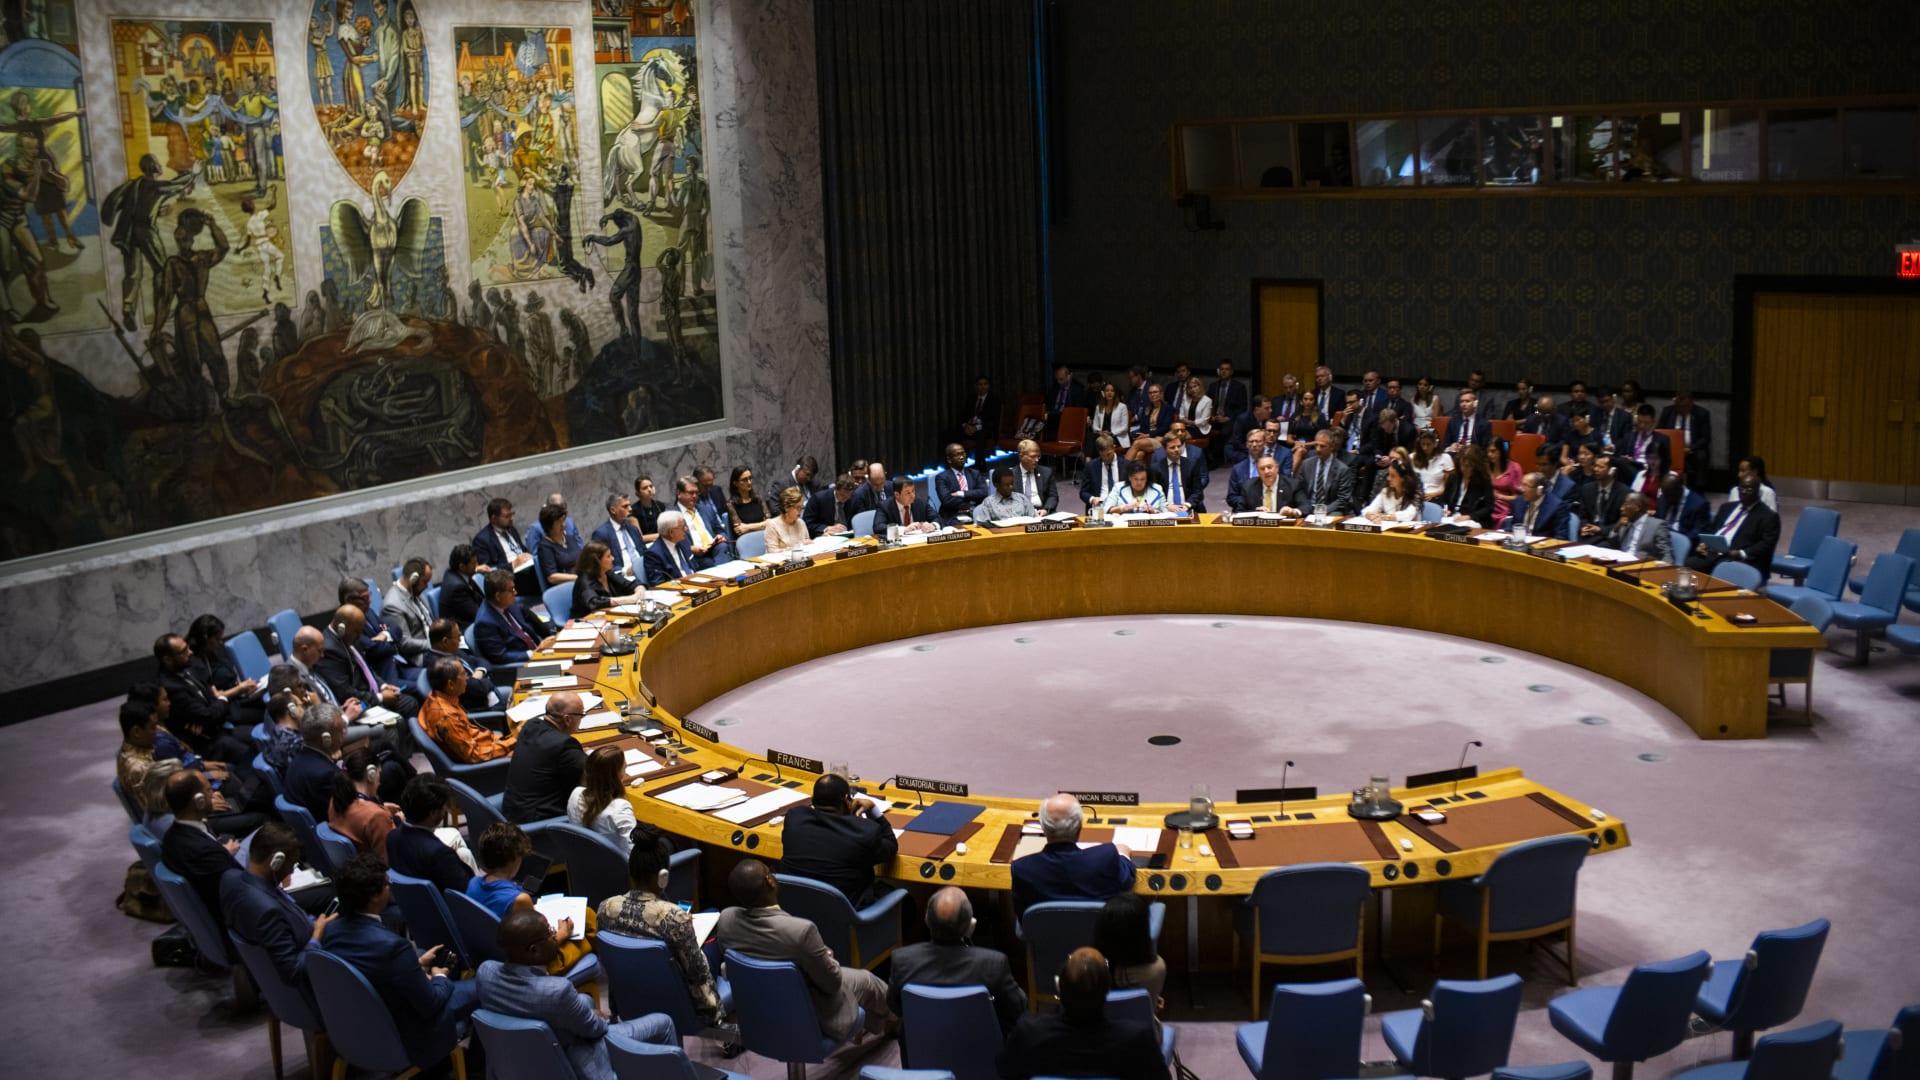 مجلس الأمن الدولي - صورة أرشيفية